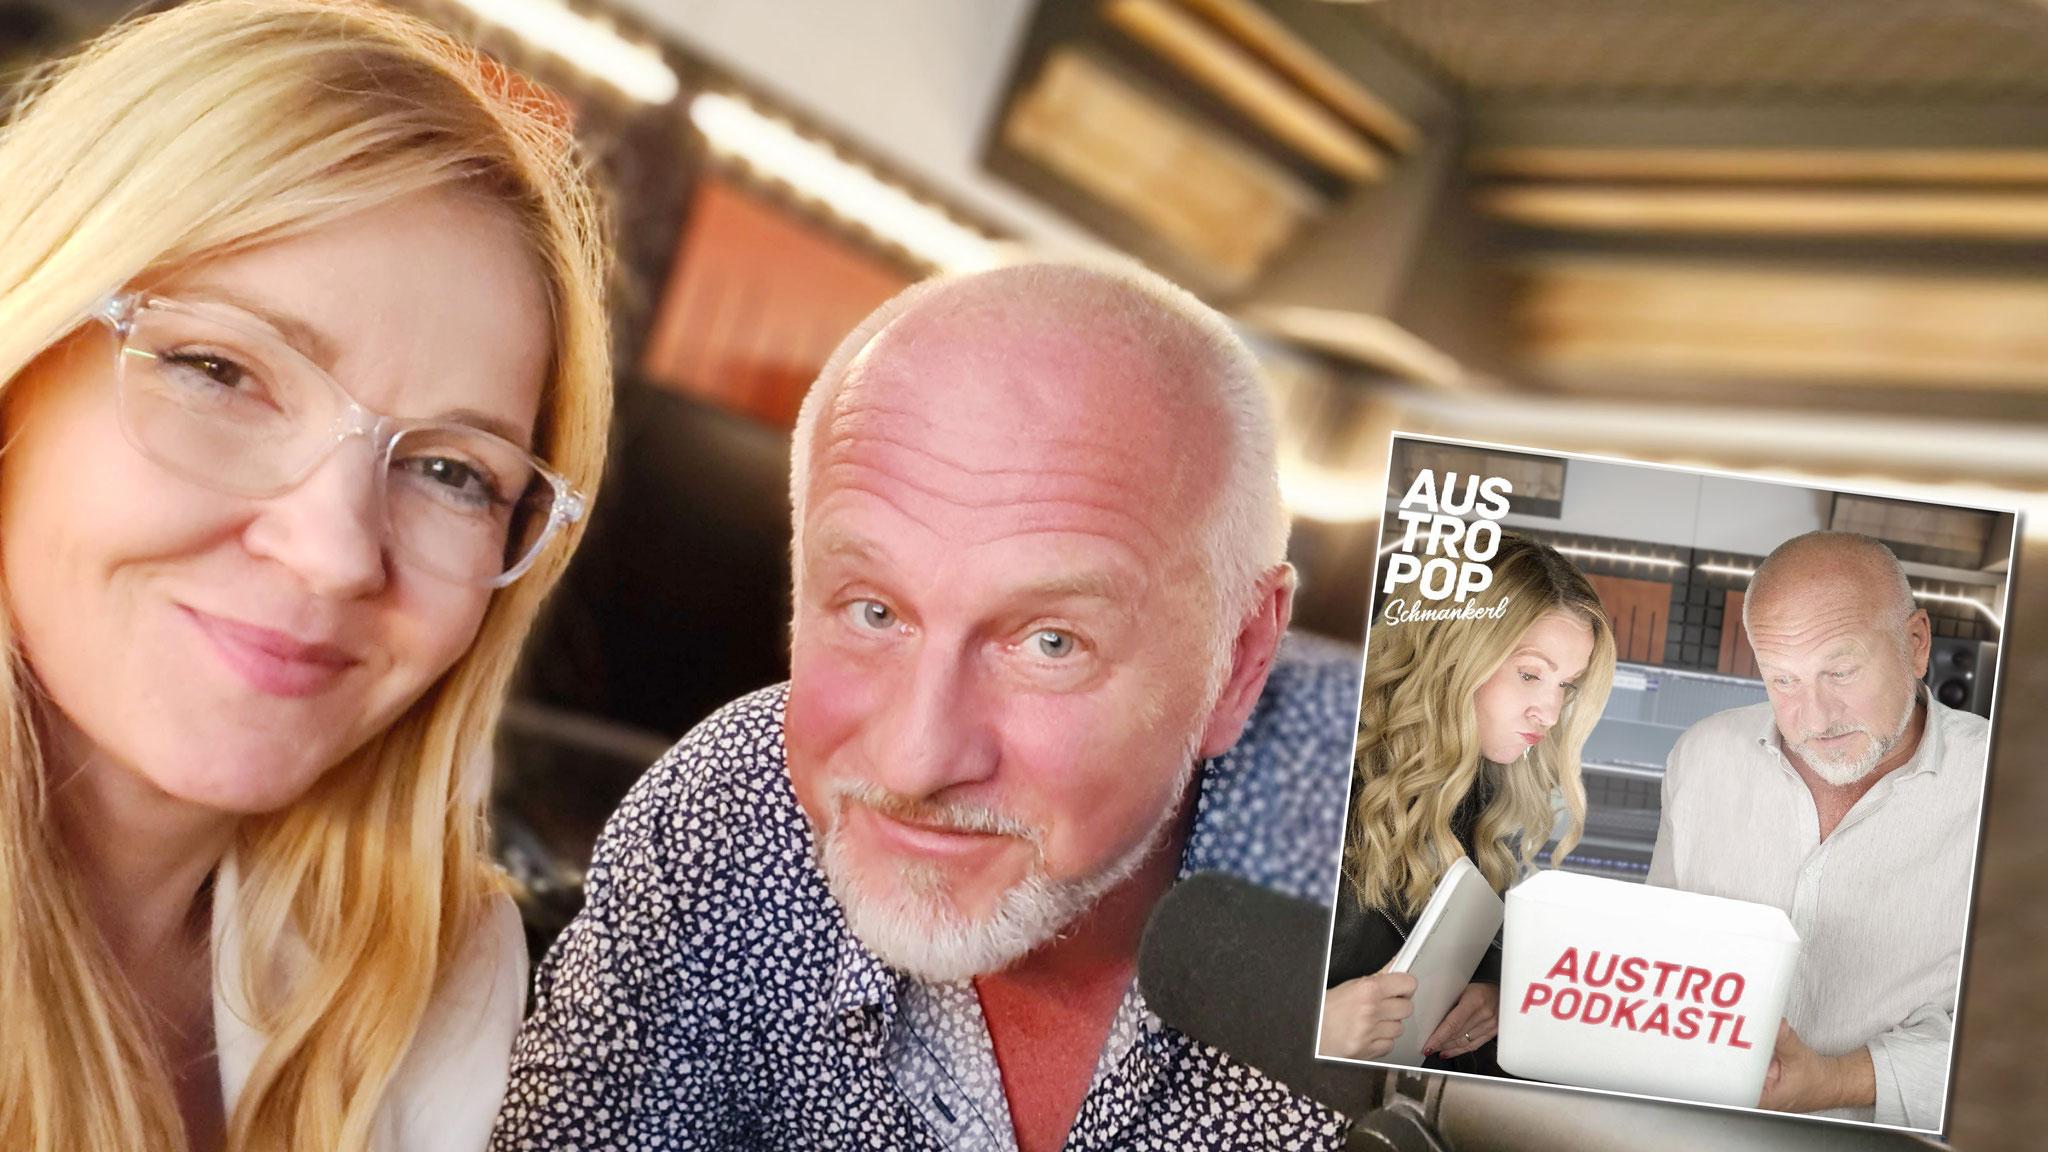 """AUSTRO PODKASTL-Moderatorin Susanne Kristek: """"Austropop ist bei jungen Leuten wieder cool!"""""""